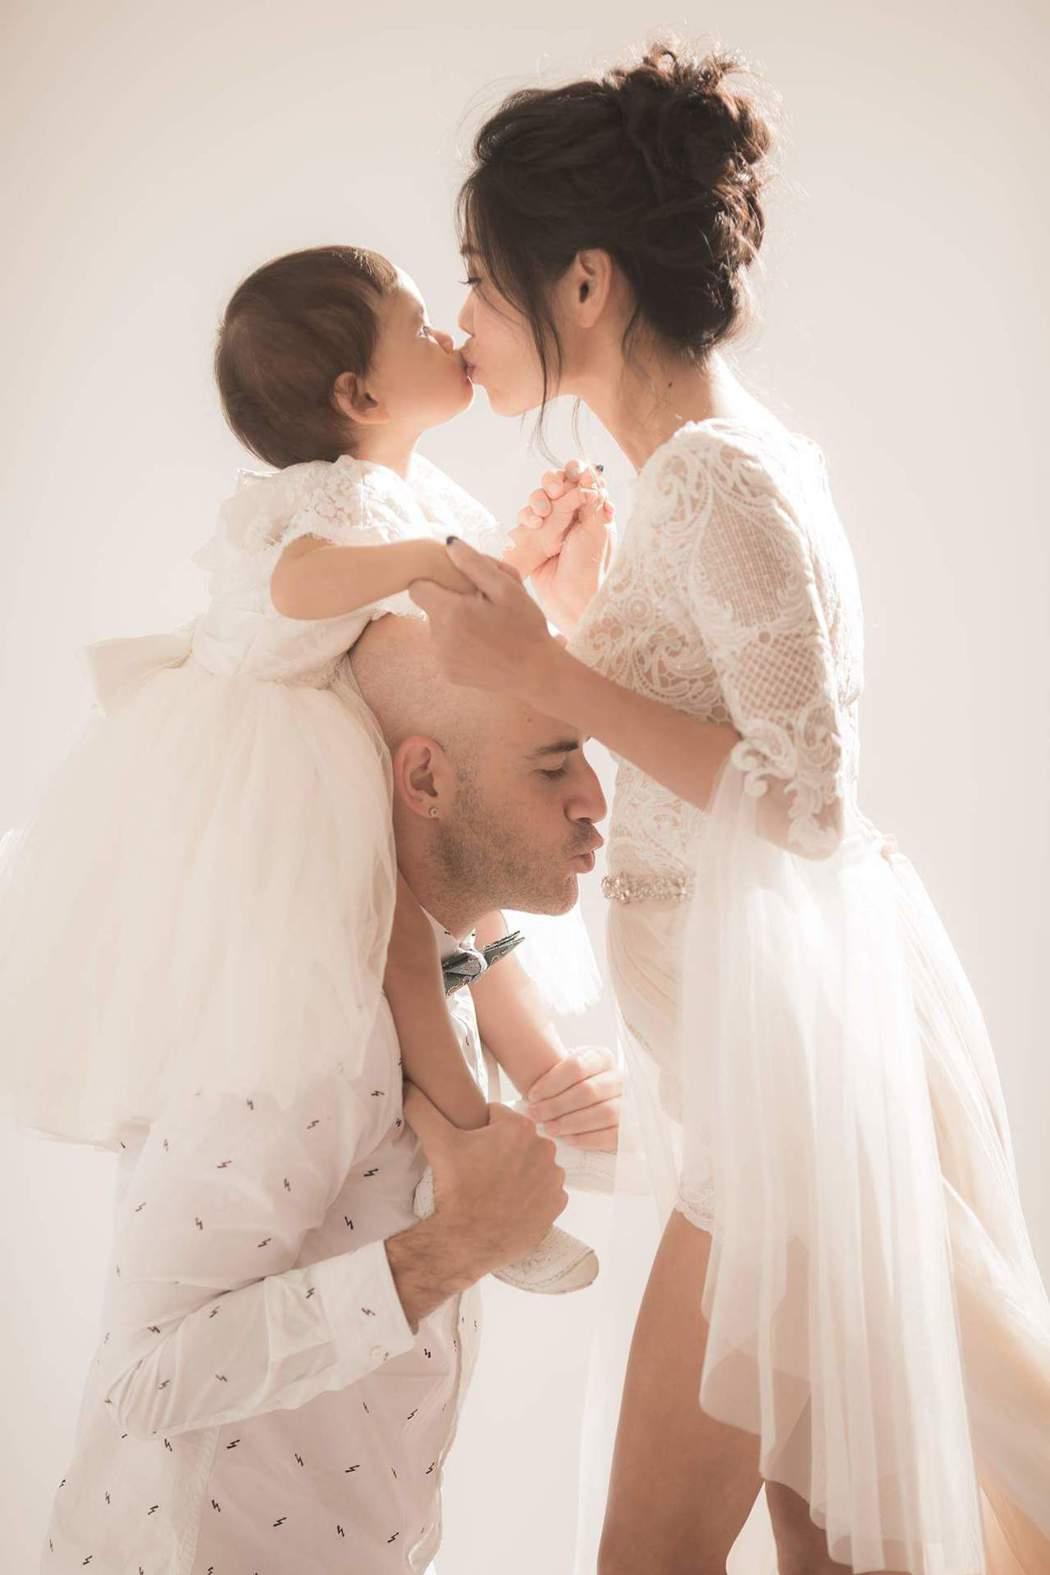 吳鳳開心宣布老婆又懷孕。圖/摘自吳鳳臉書